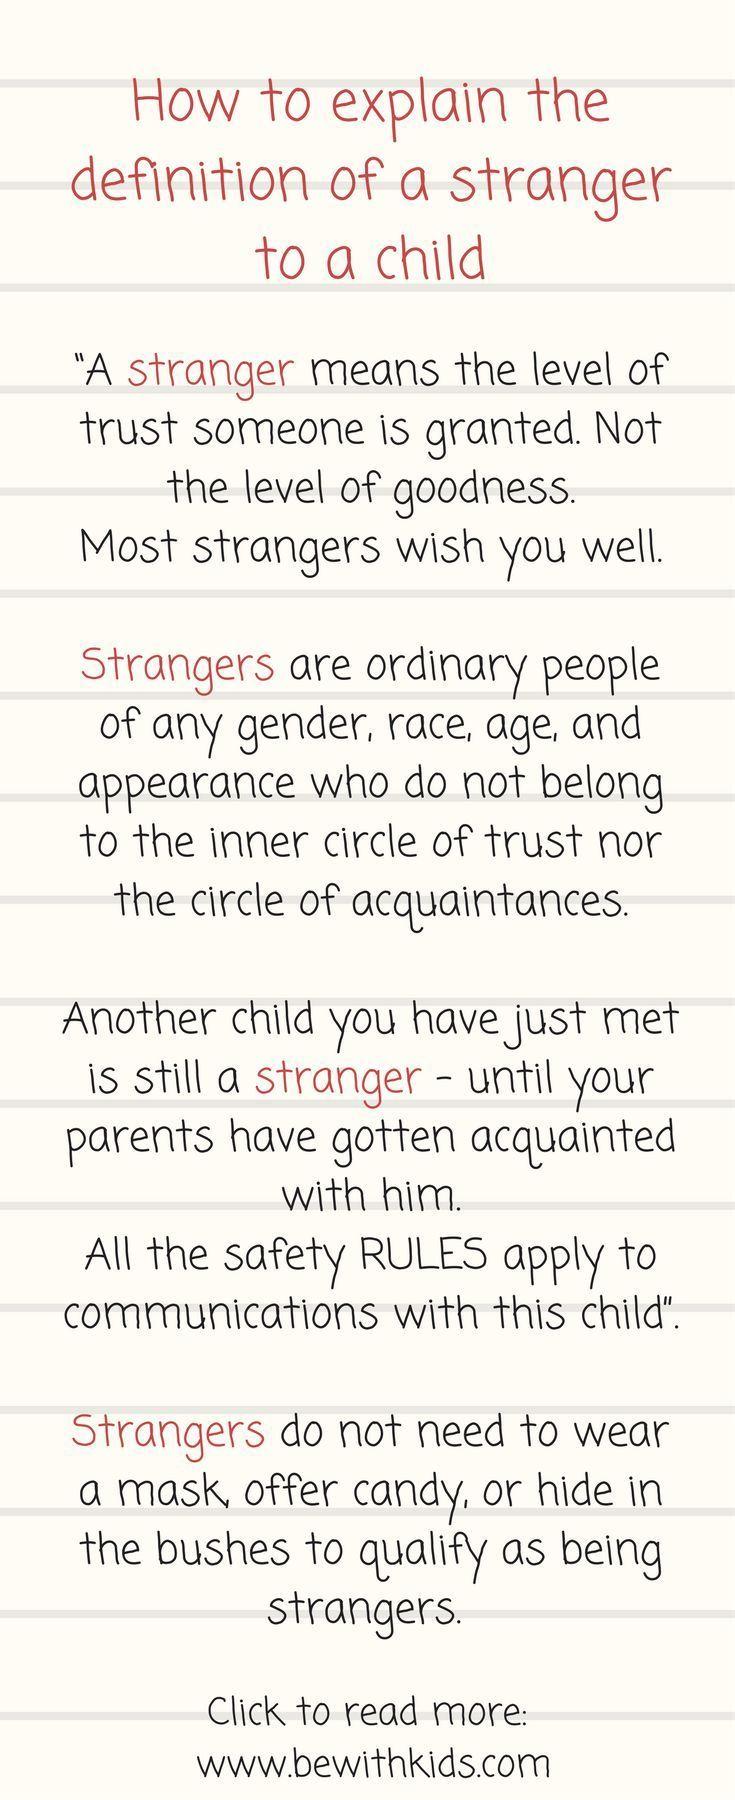 stranger danger: how to explain a definition of stranger to your